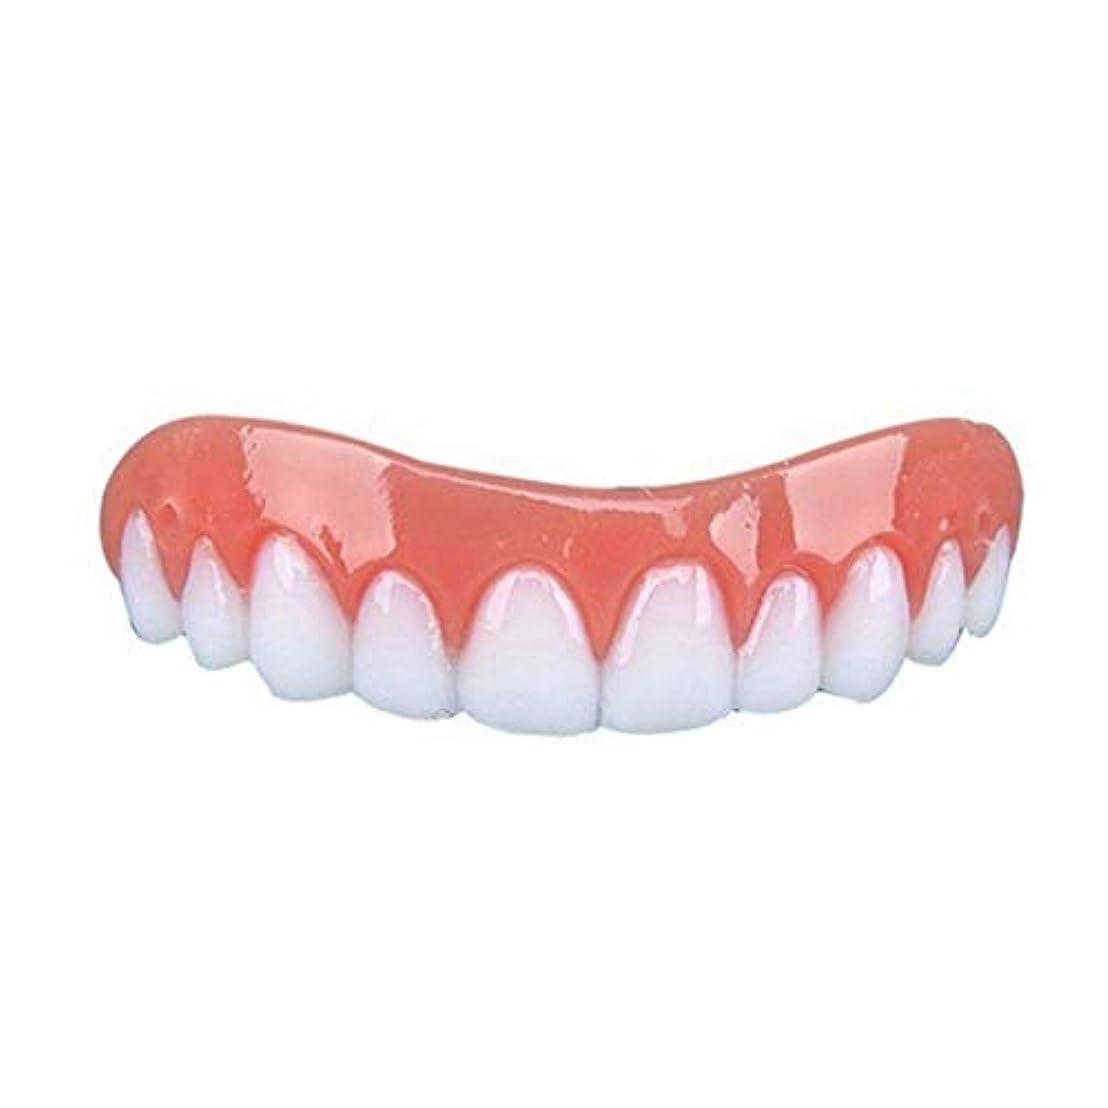 掻くどんなときもレンディションBartram 歯カバー シリコン義歯ペースト 上歯 笑顔を保つ 歯保護 美容用 入れ歯 矯正義歯